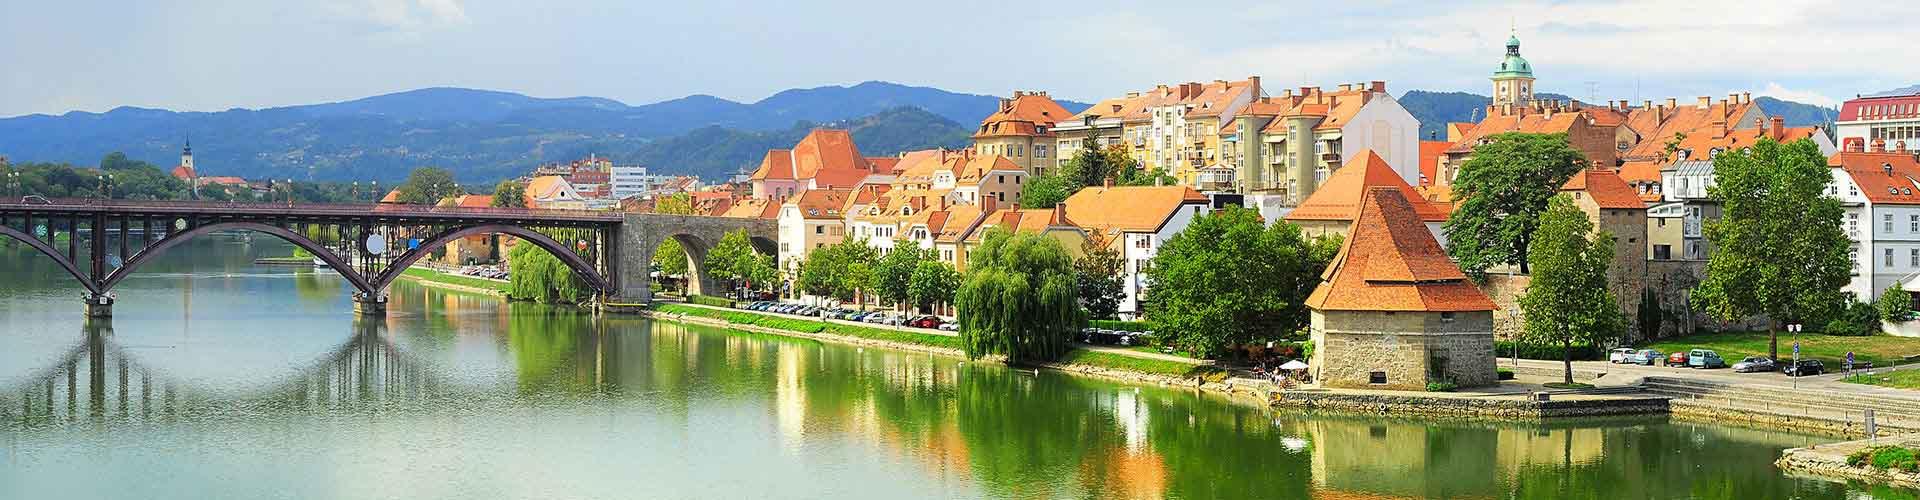 Maribor - Auberges de jeunesse à Maribor. Cartes pour Maribor, photos et commentaires pour chaque auberge de jeunesse à Maribor.